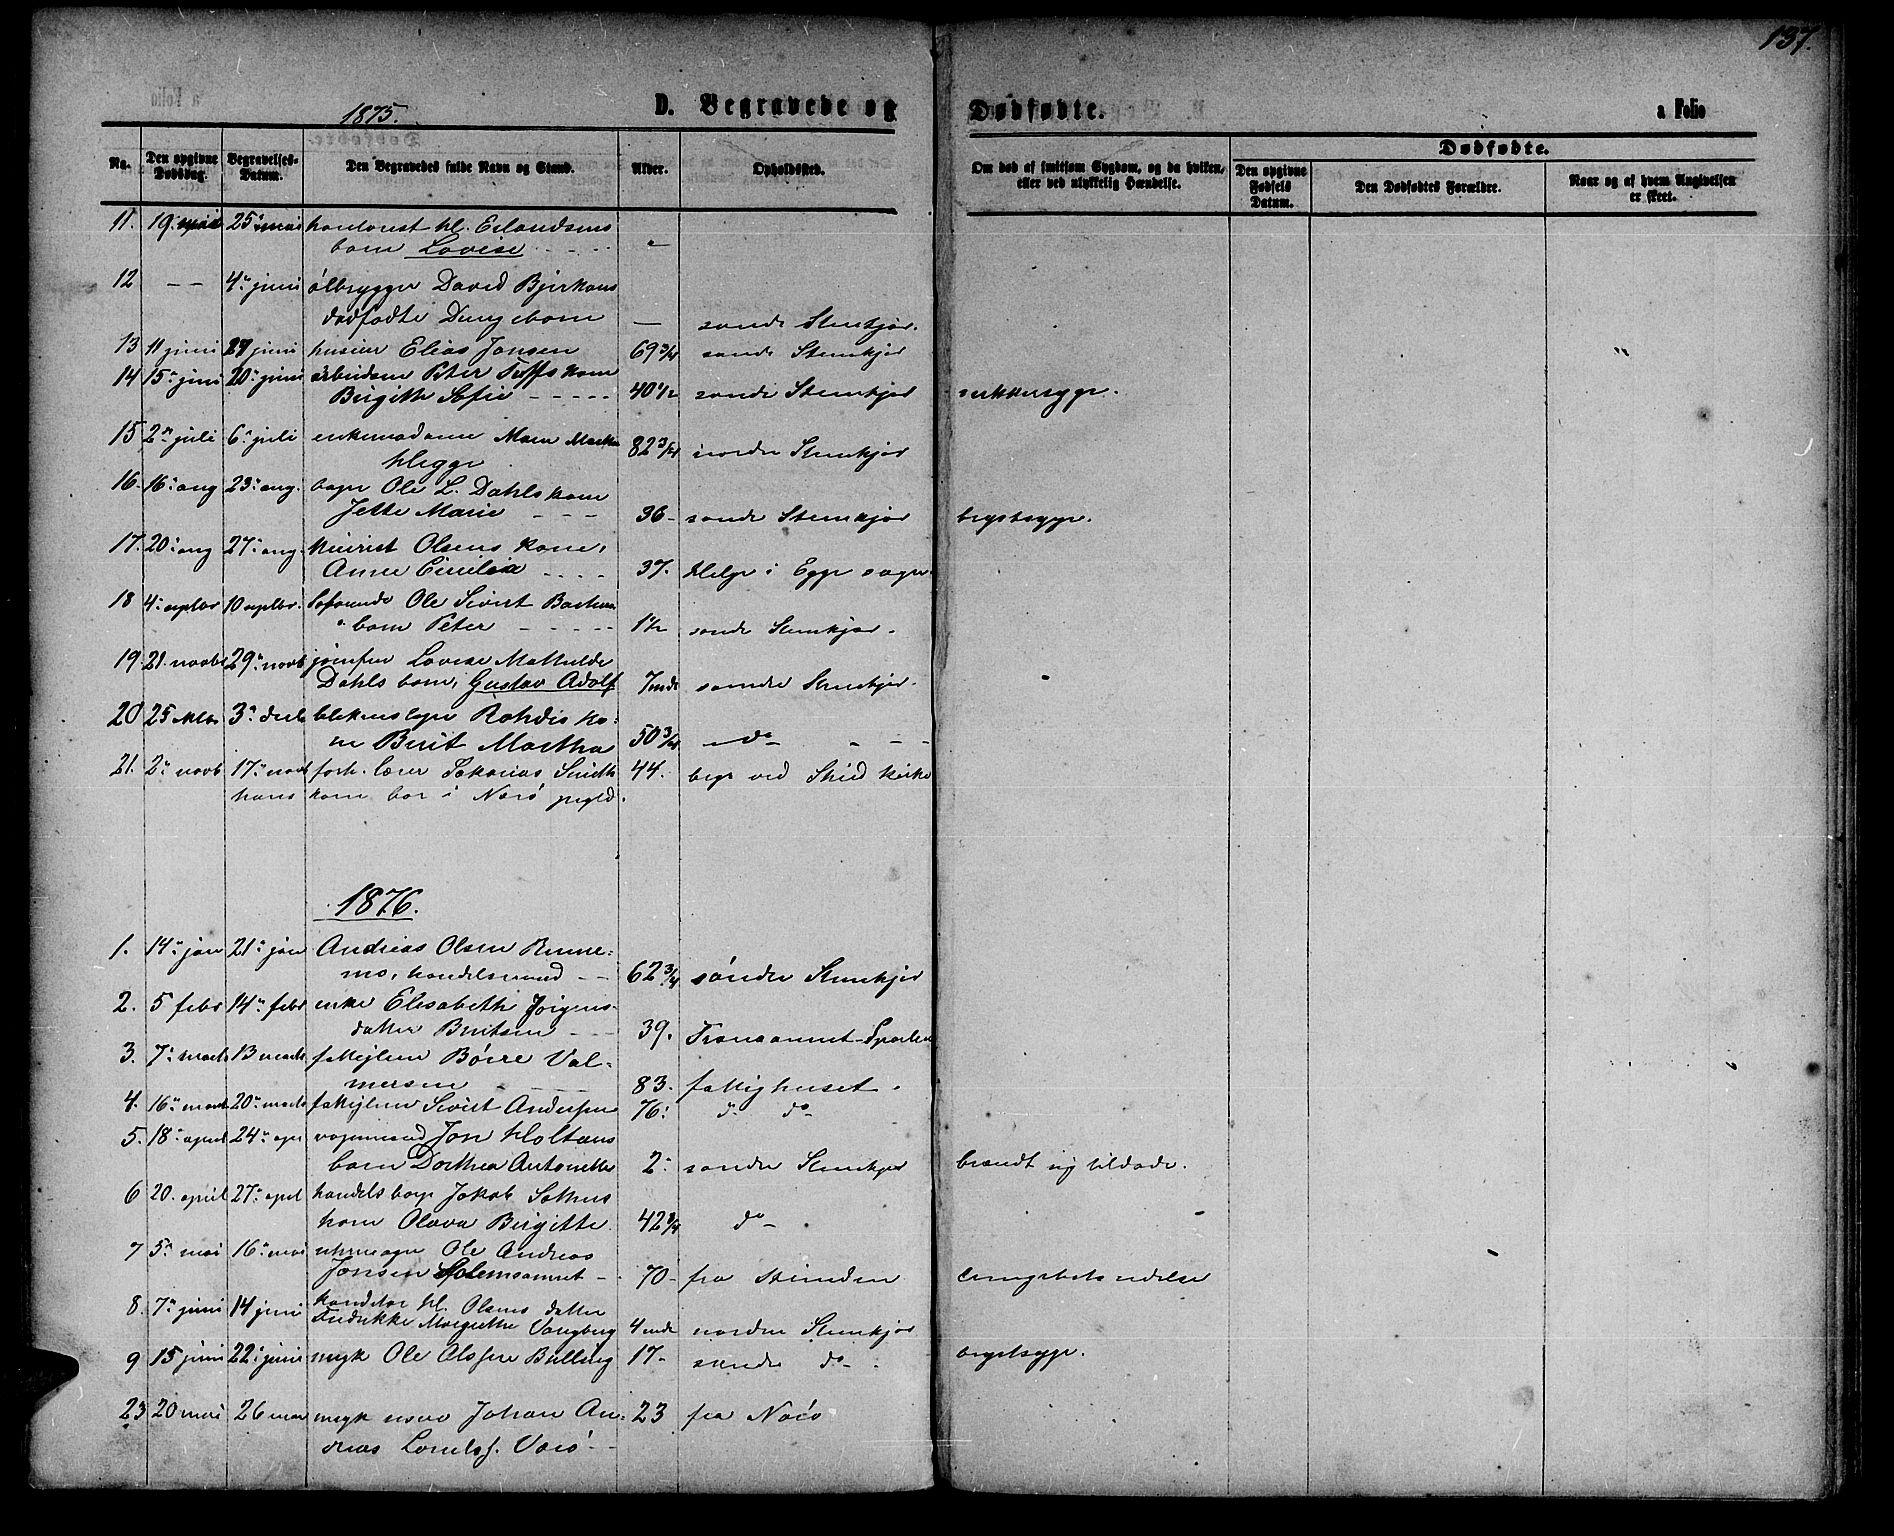 SAT, Ministerialprotokoller, klokkerbøker og fødselsregistre - Nord-Trøndelag, 739/L0373: Klokkerbok nr. 739C01, 1865-1882, s. 137